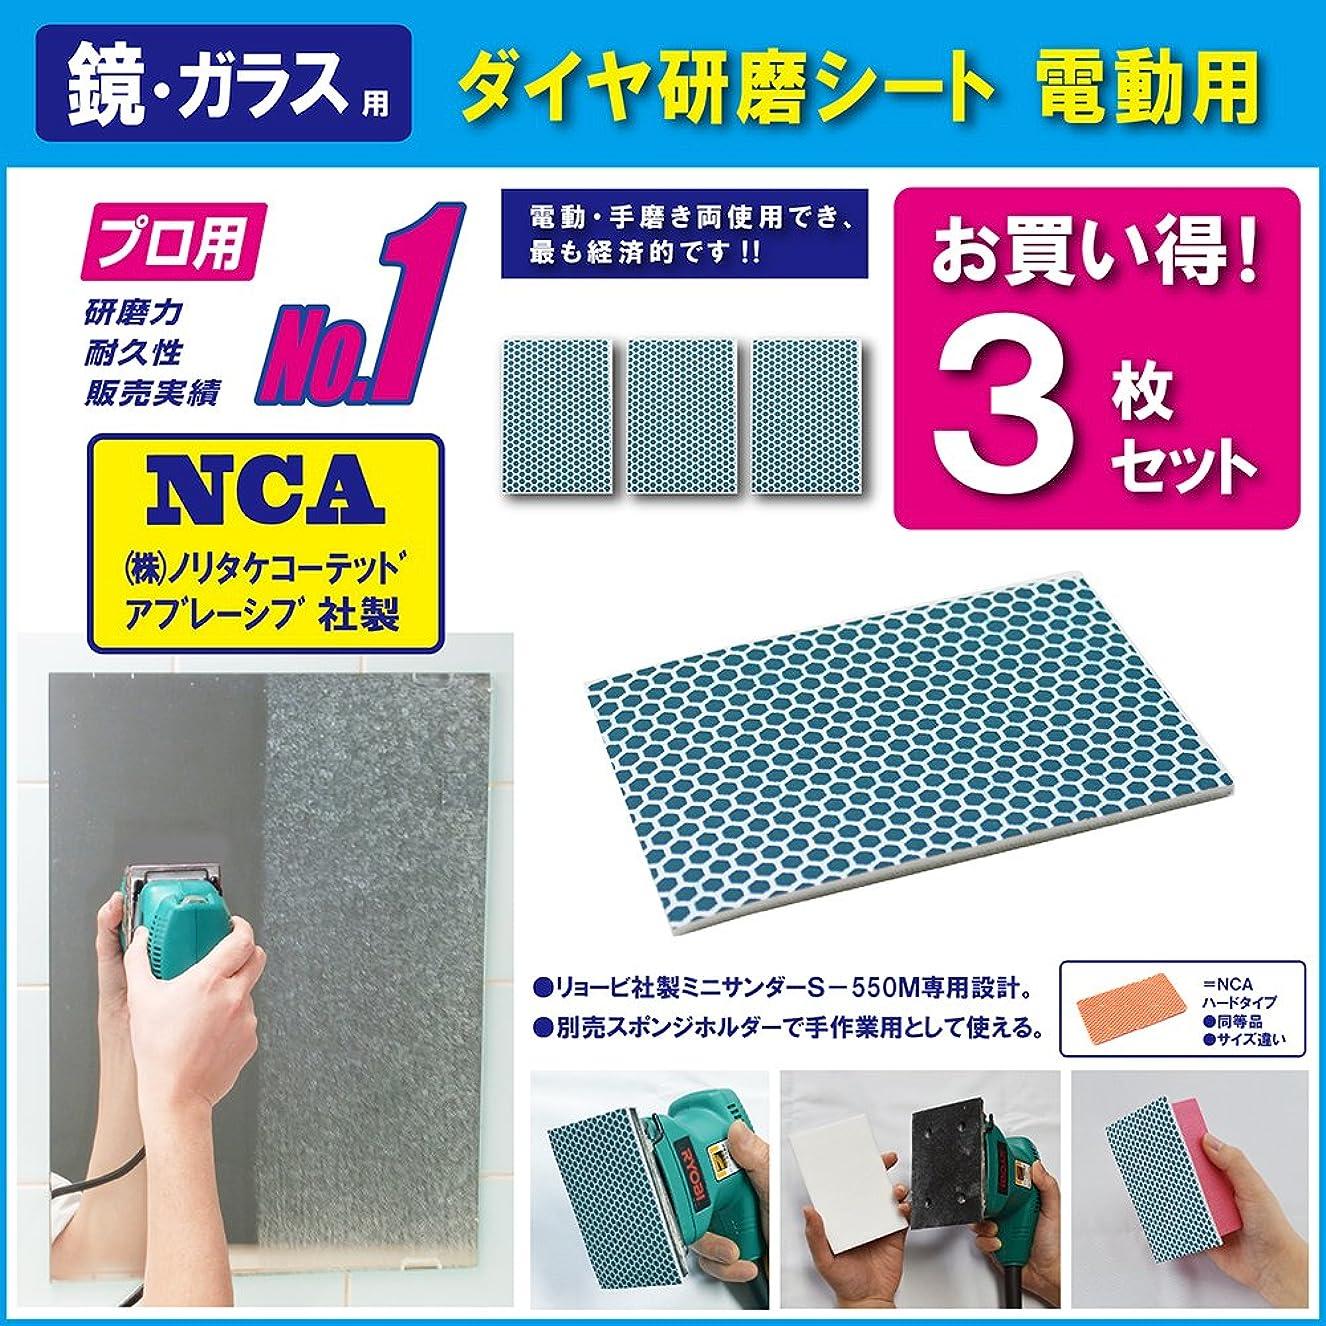 ワイド急いで取り囲む浴室の鏡用 ESオリジナル NCAダイヤ研磨材(ハード?マジックシート用)お買い得3枚セット